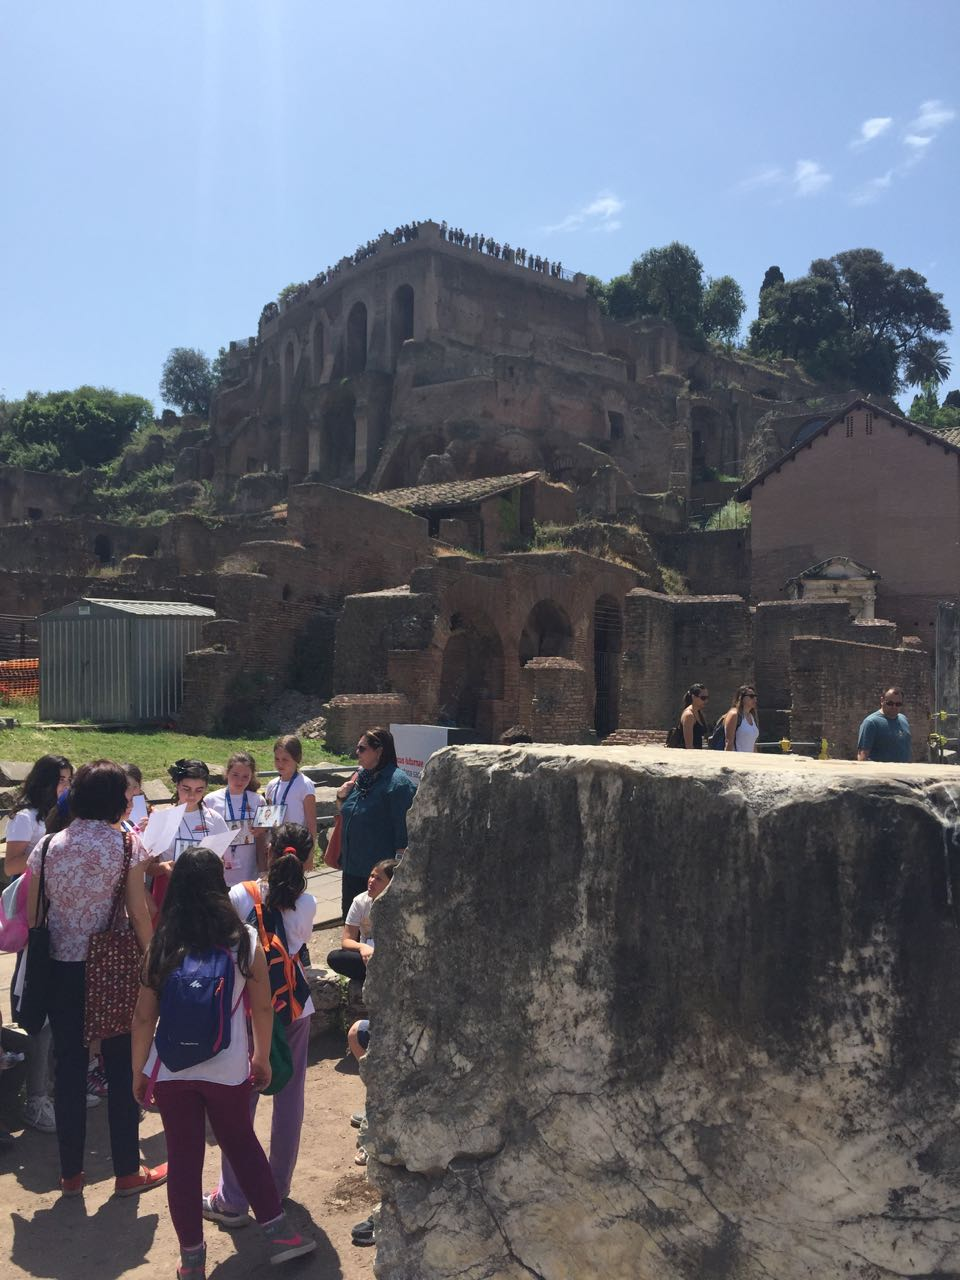 1FT Rome Italy - Campitelli - Lazio, May 20, 2015 - 12 of 75